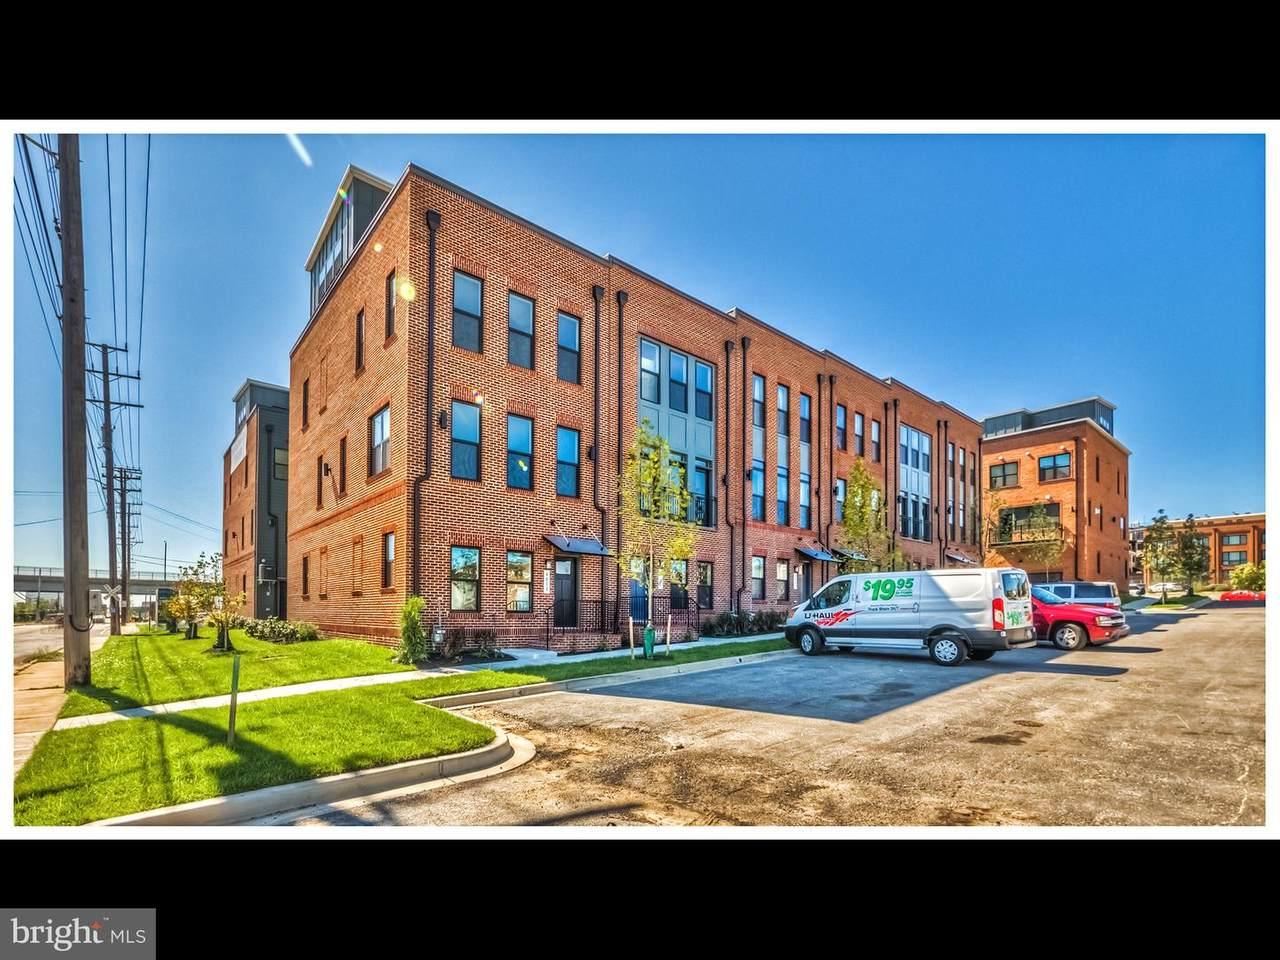 4011 Harmony Court - Photo 1